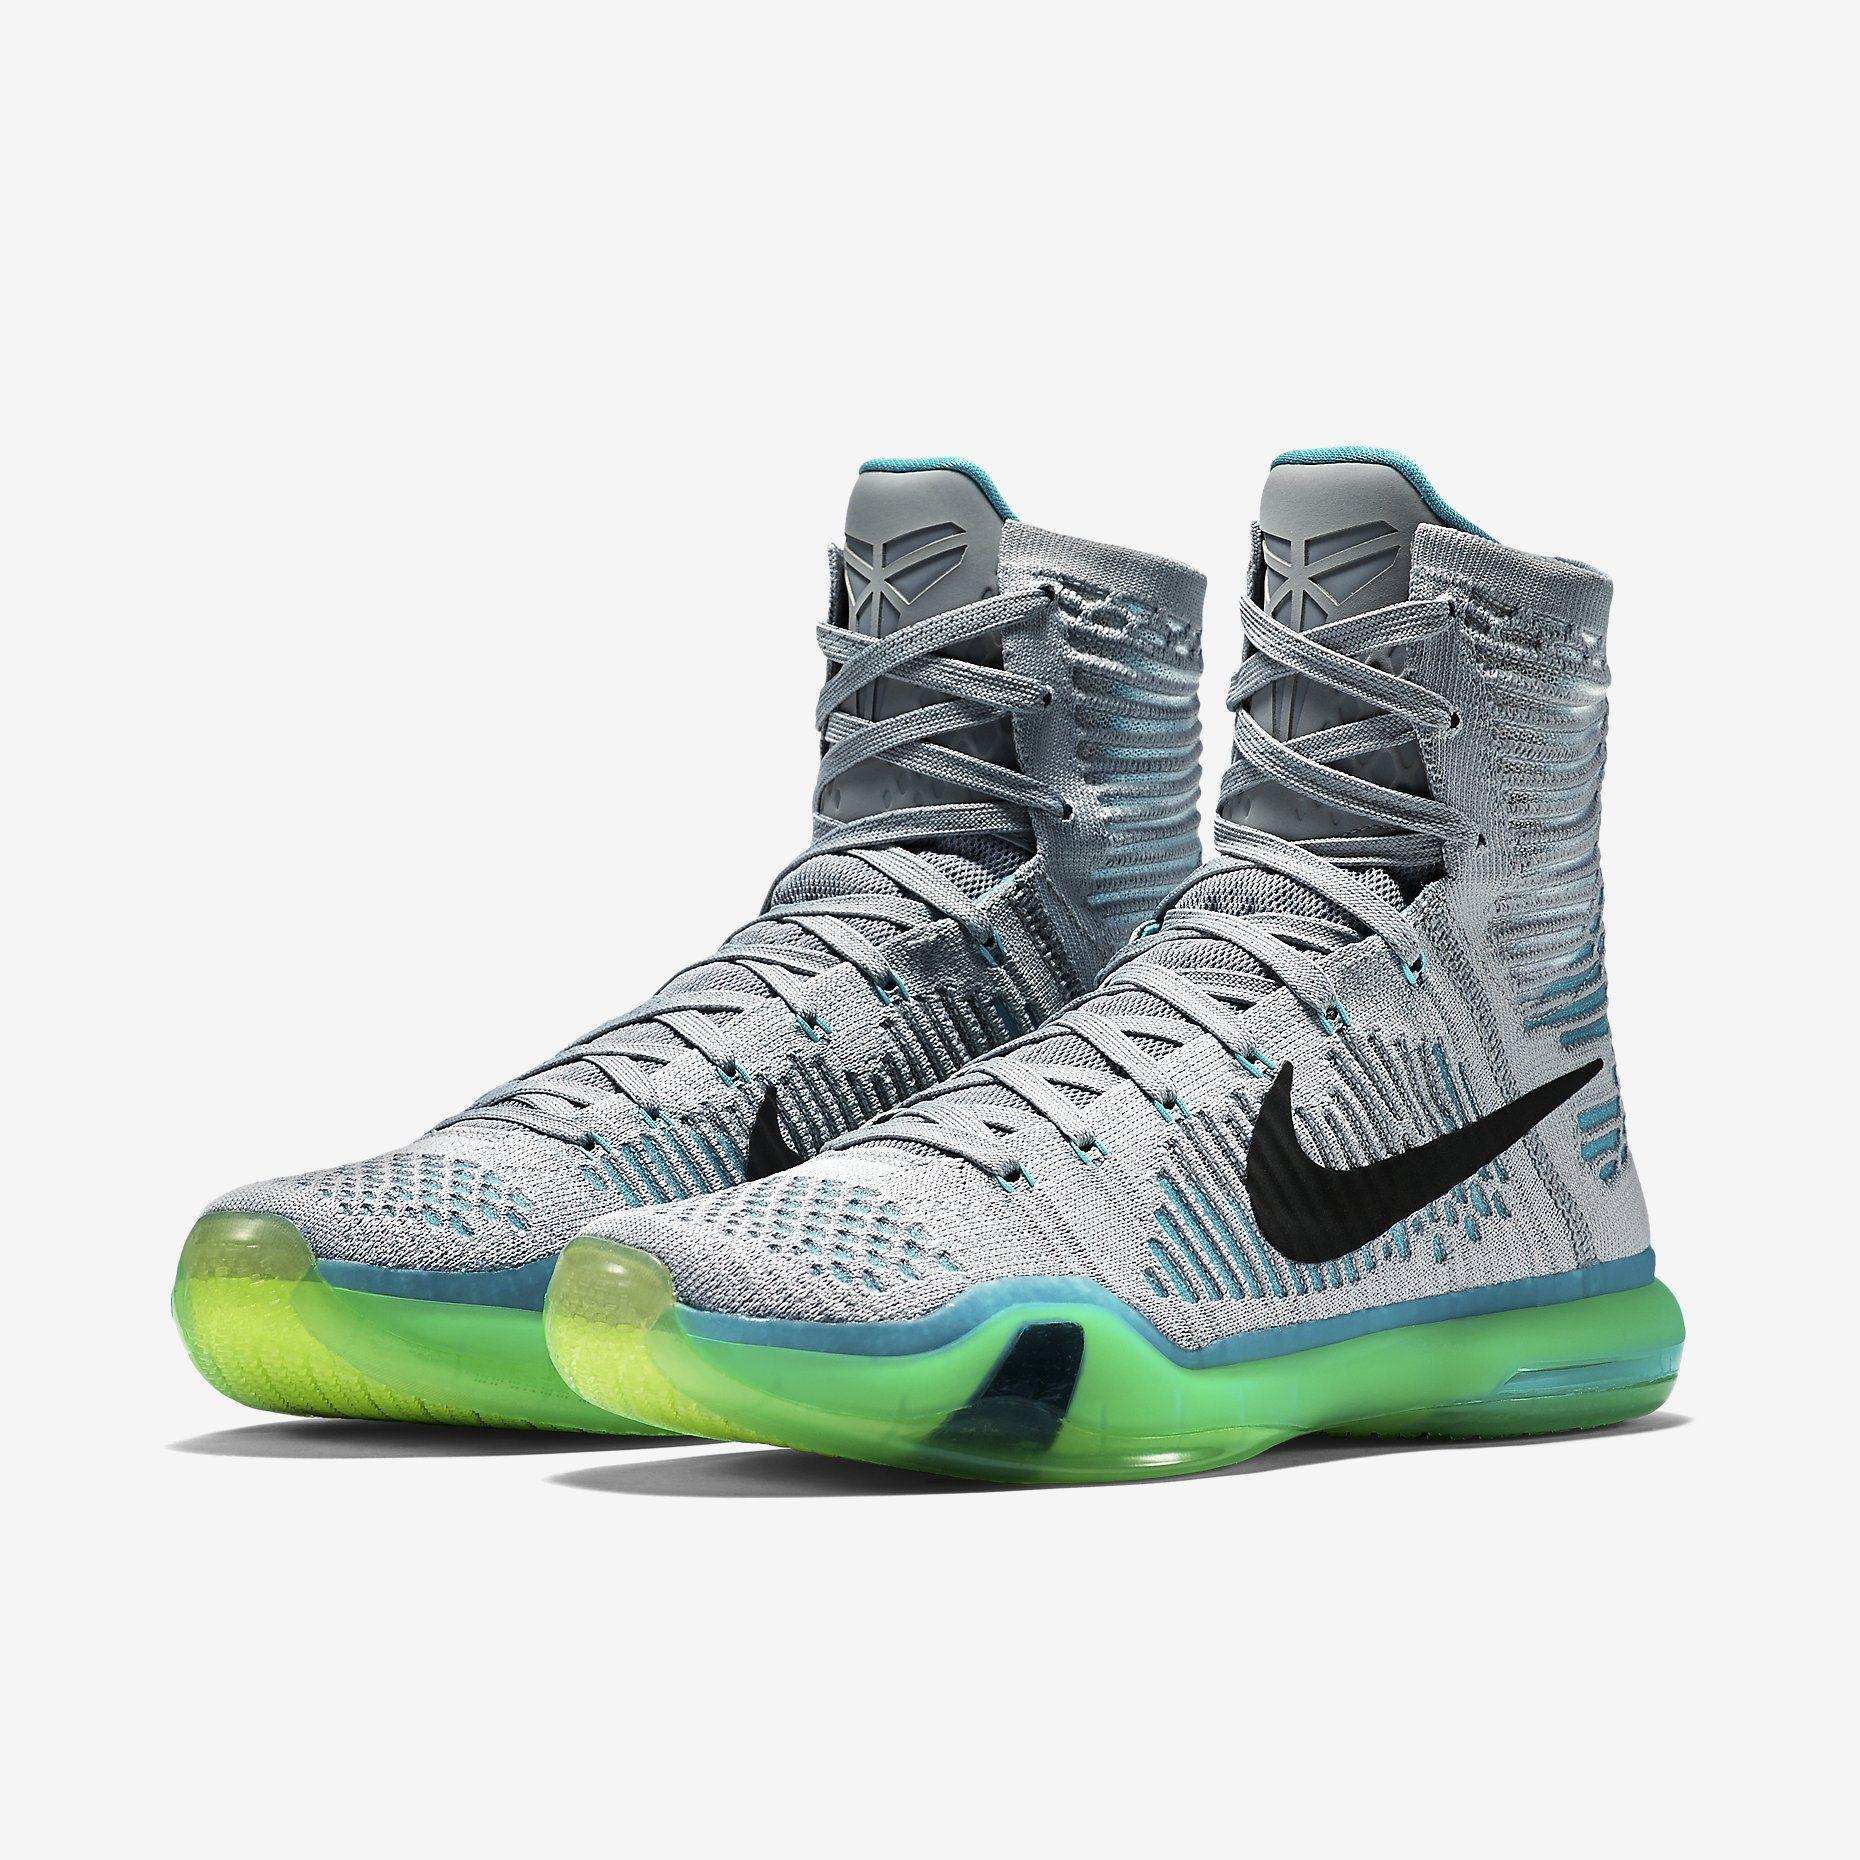 Kobe bryant sneakers, Sneakers, Nike